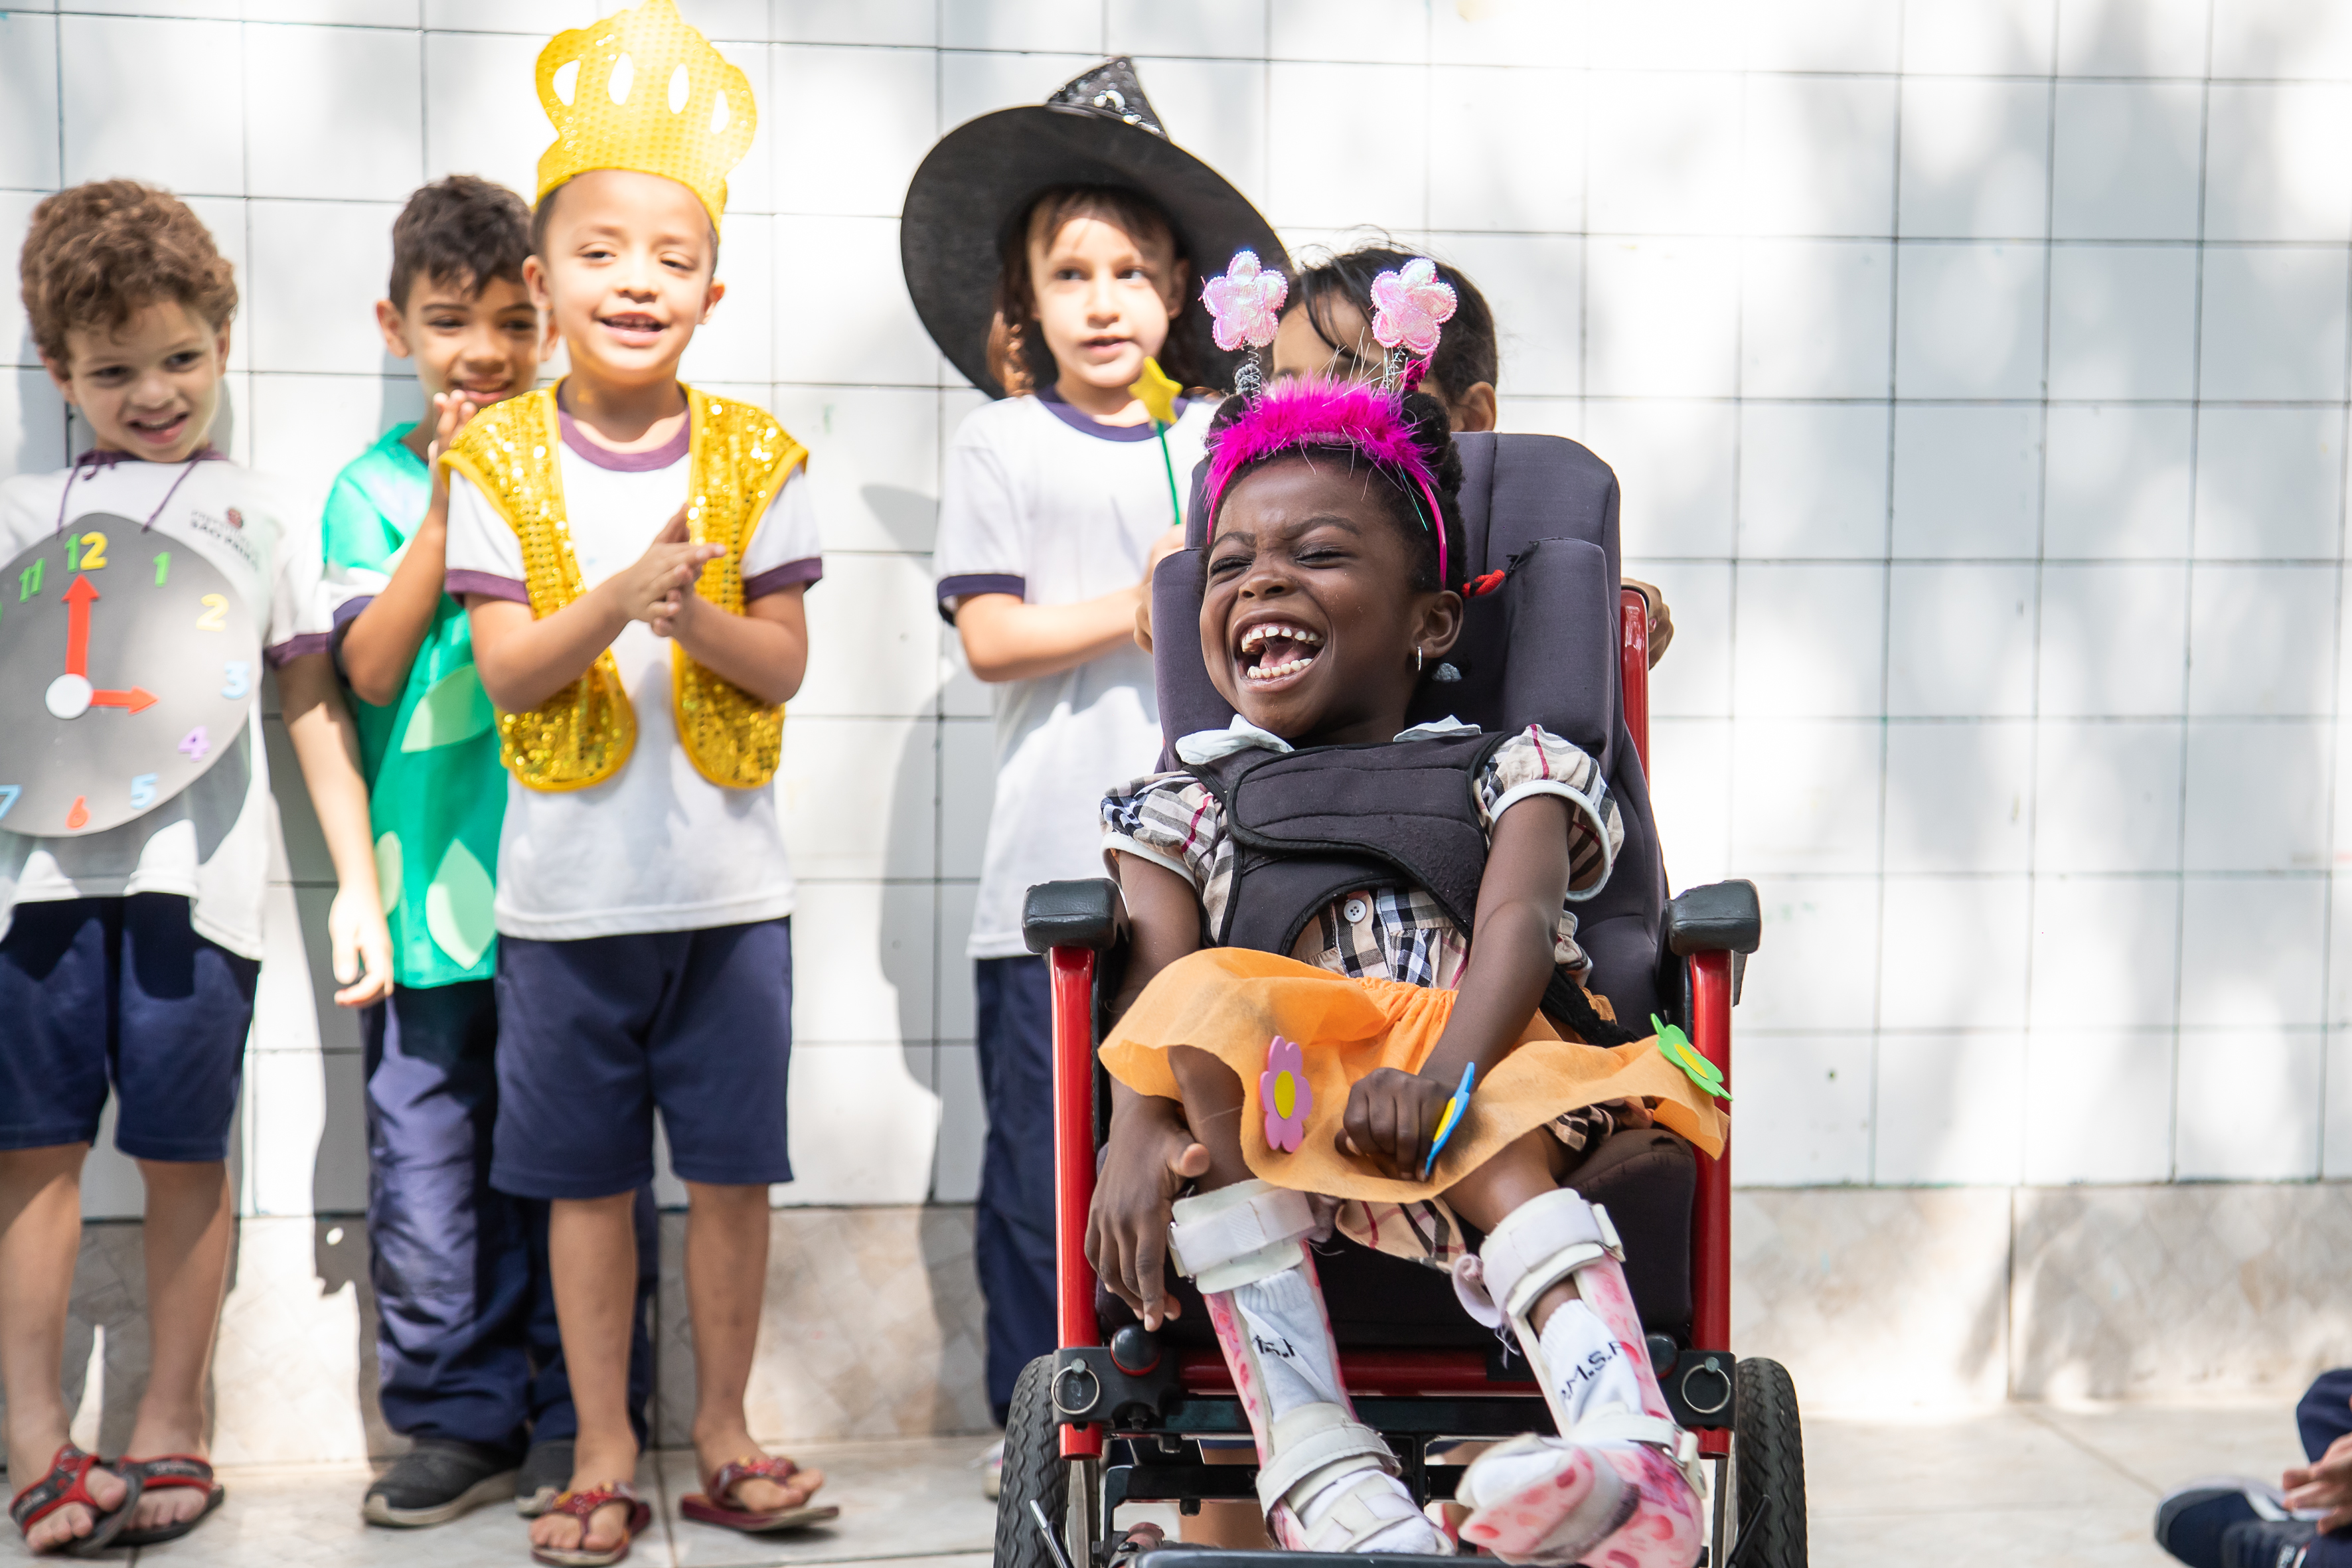 Foto de um grupo diverso de crianças fantasiadas. Uma delas está em uma cadeira de rodas.